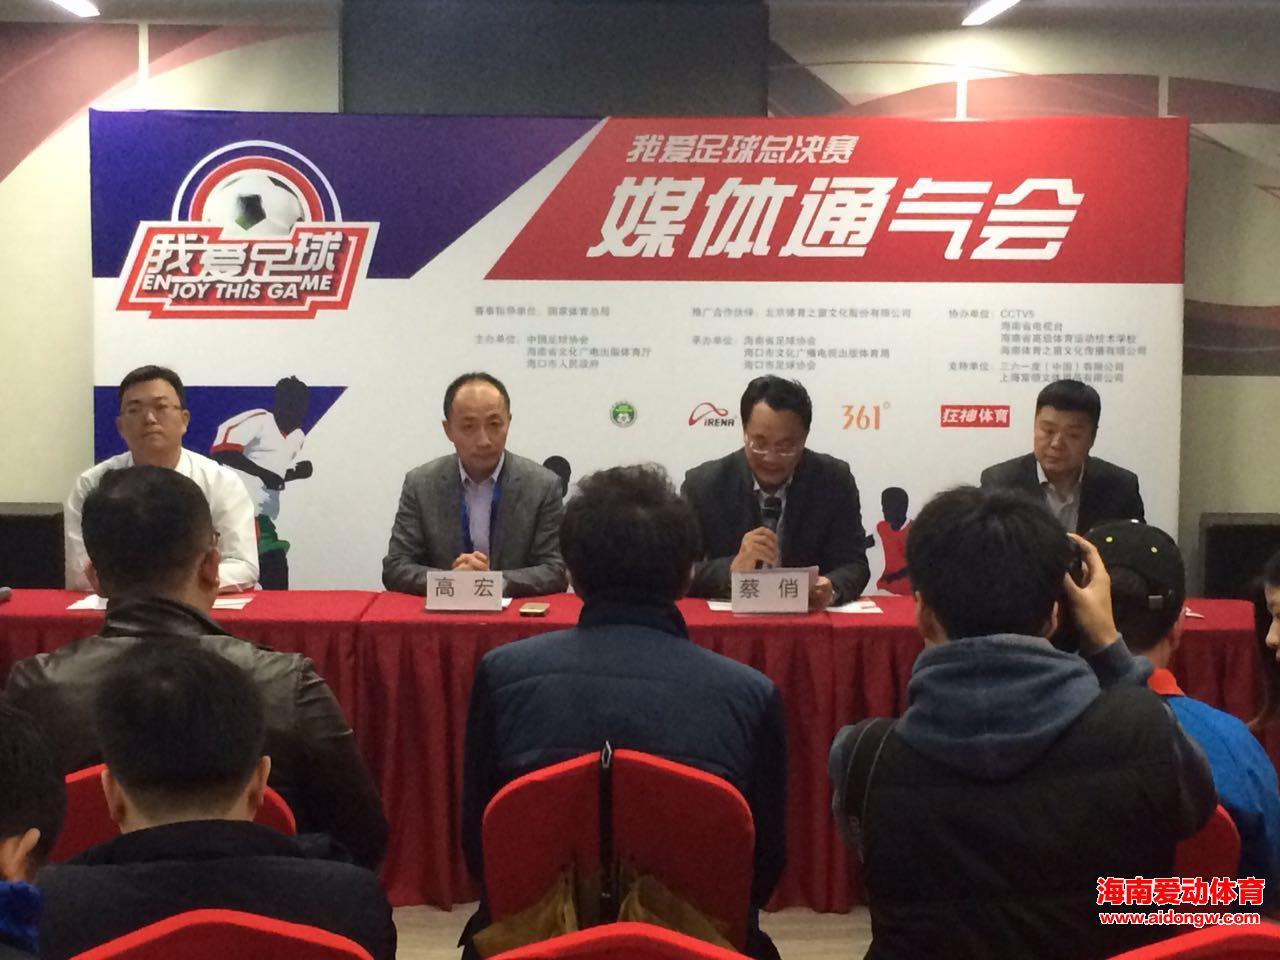 【我爱足球】中国足球民间争霸赛总决赛将于11月26日在海口举行